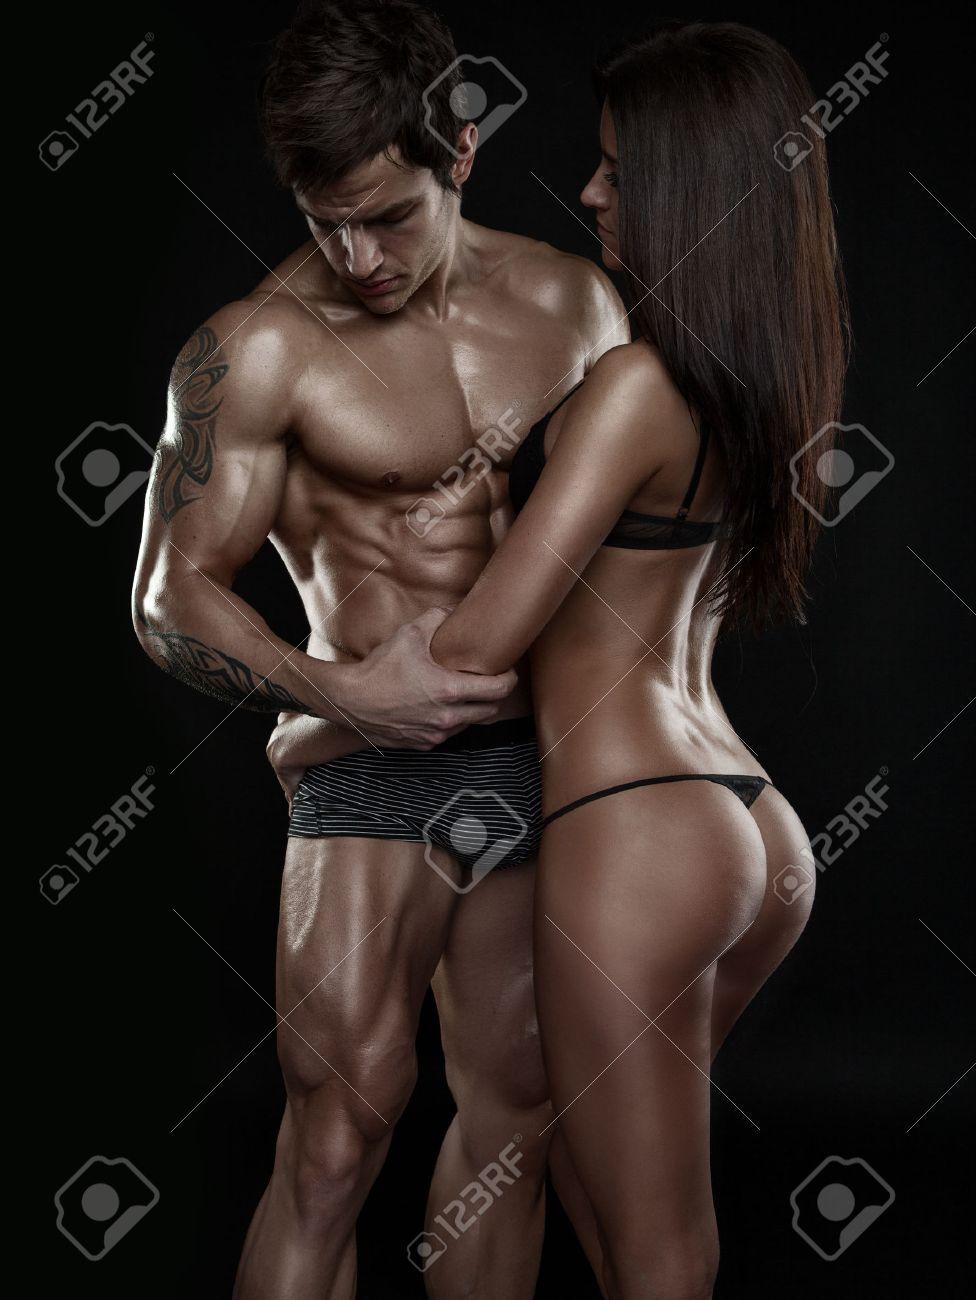 hete milf sex neuken